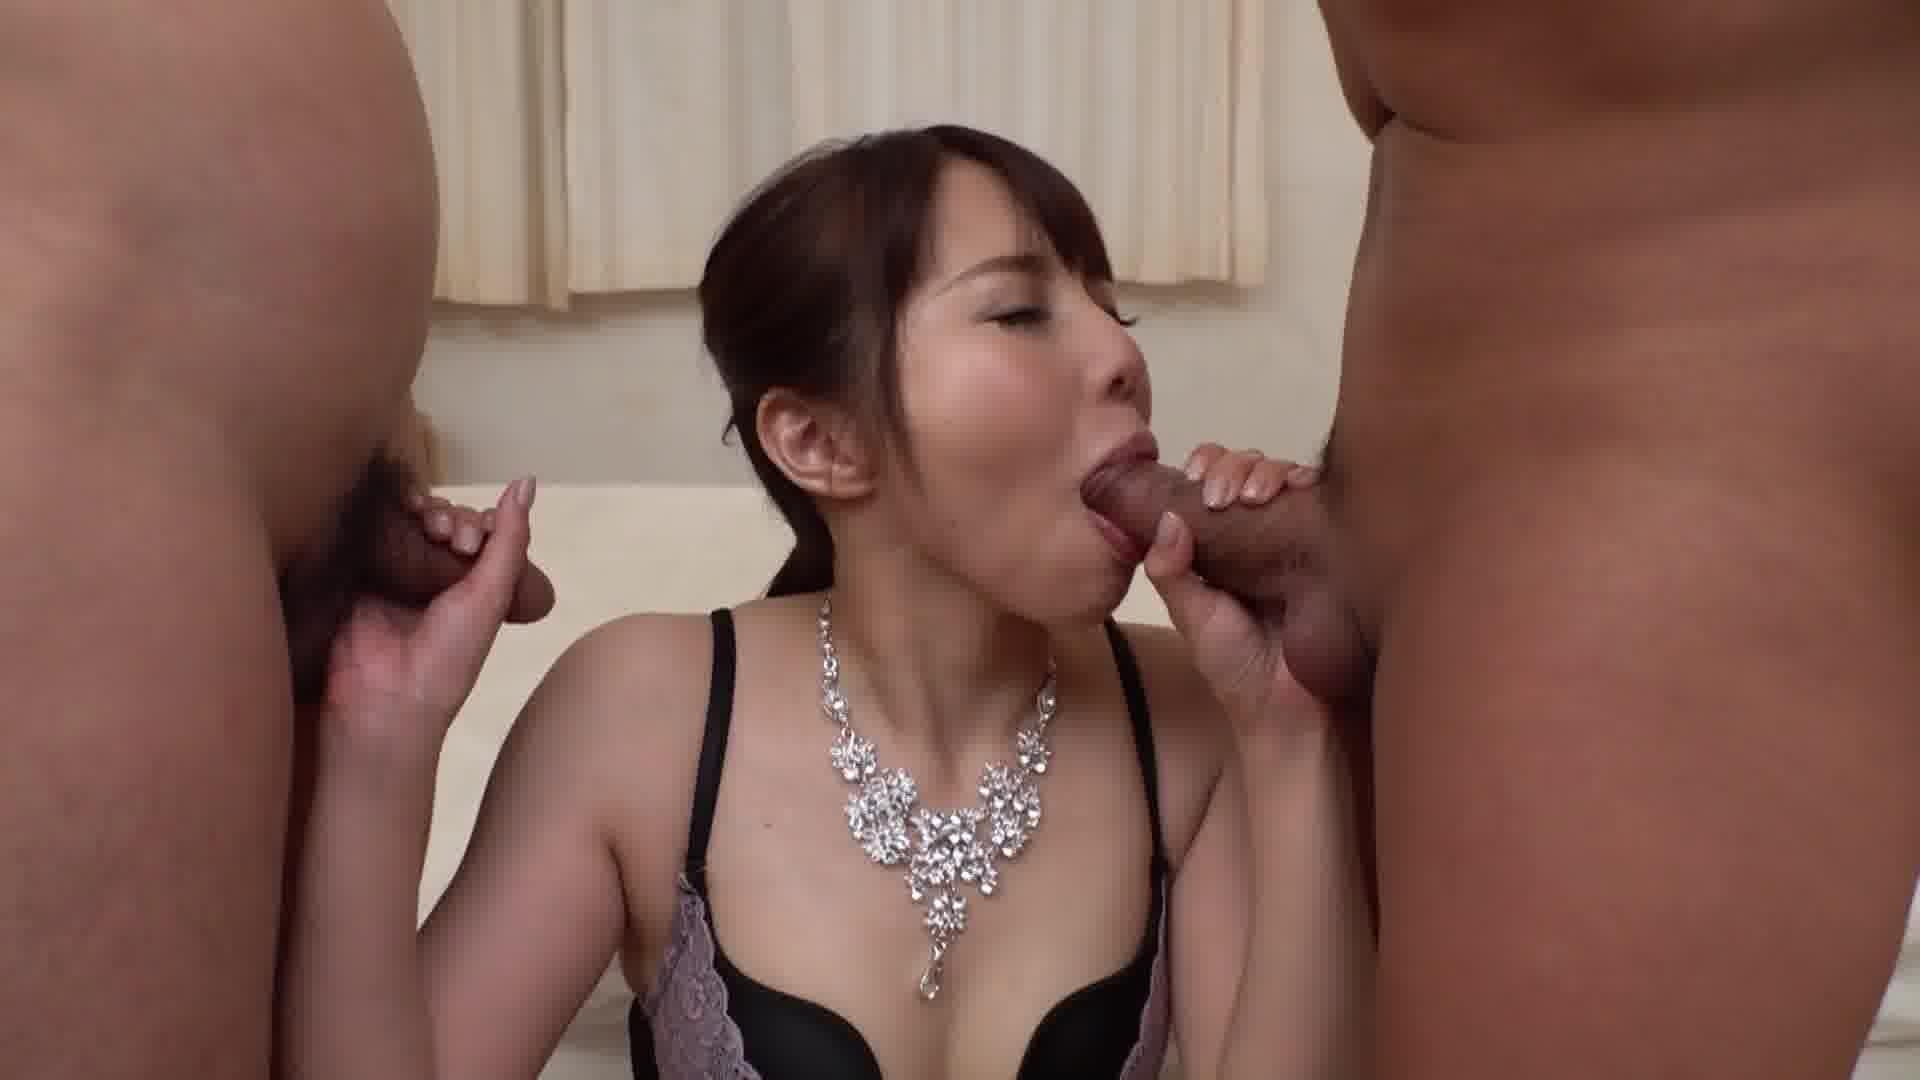 舐める女 ~すまし顔でチンポをしゃぶる淫乱美痴女~ - 紗倉みゆき【乱交・パイパン・痴女】